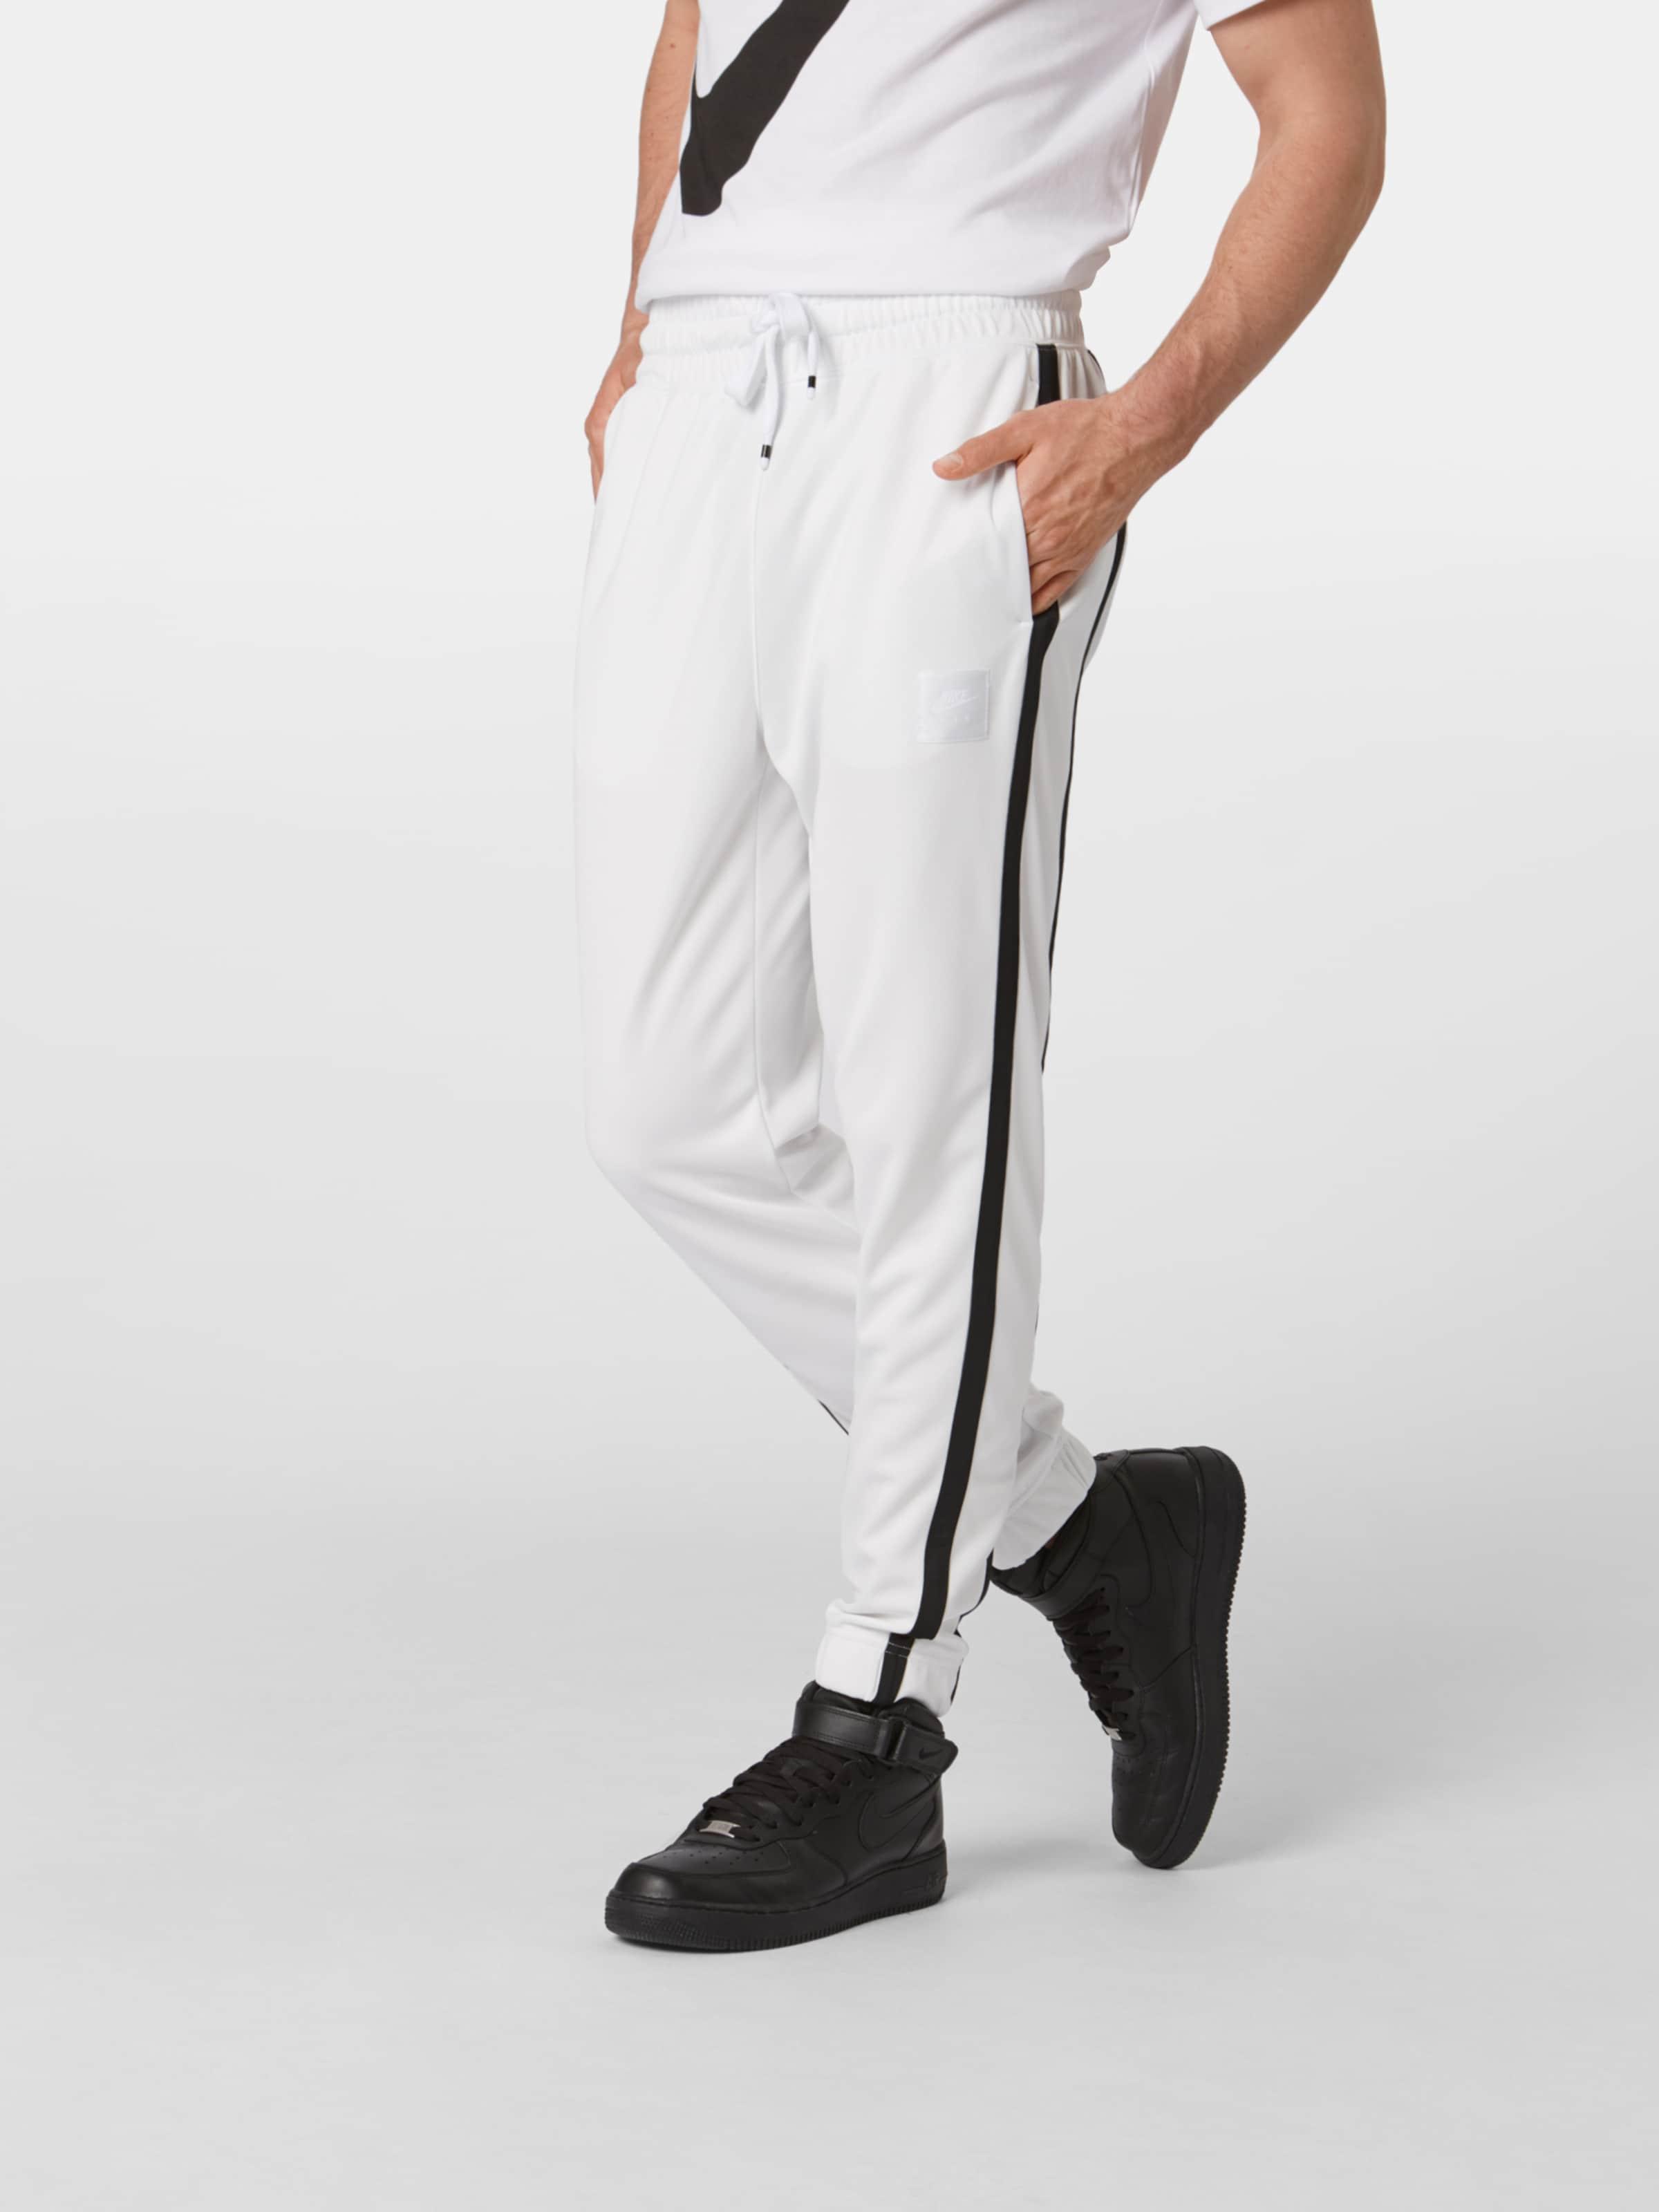 'air' NoirBlanc Sportswear En Nike Pantalon FTclJK1